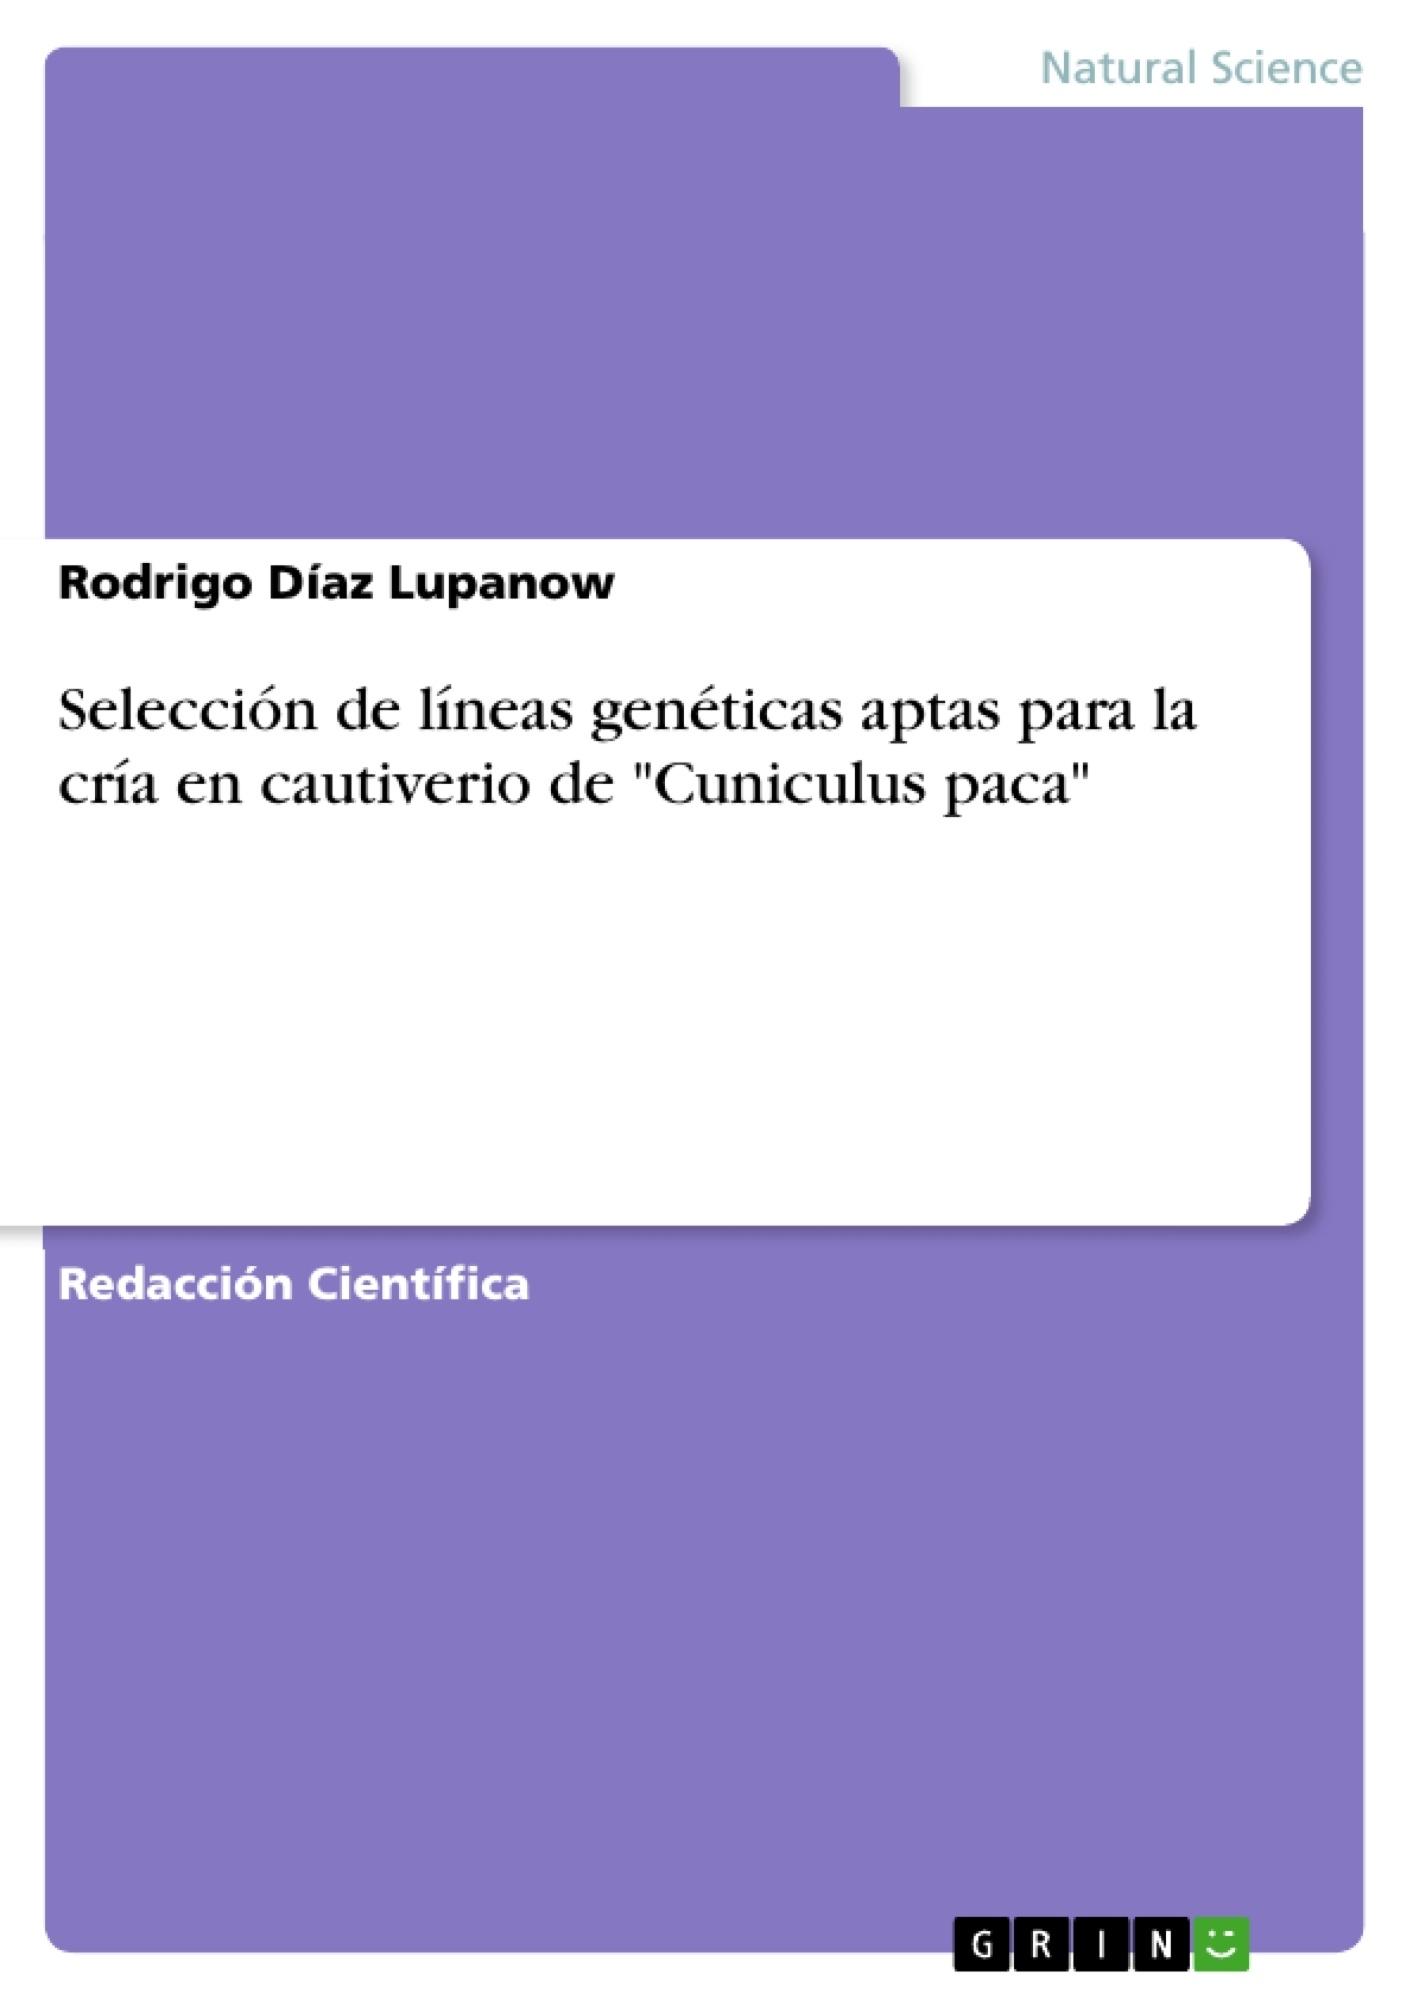 """Título: Selección de líneas genéticas aptas para la cría en cautiverio de """"Cuniculus paca"""""""